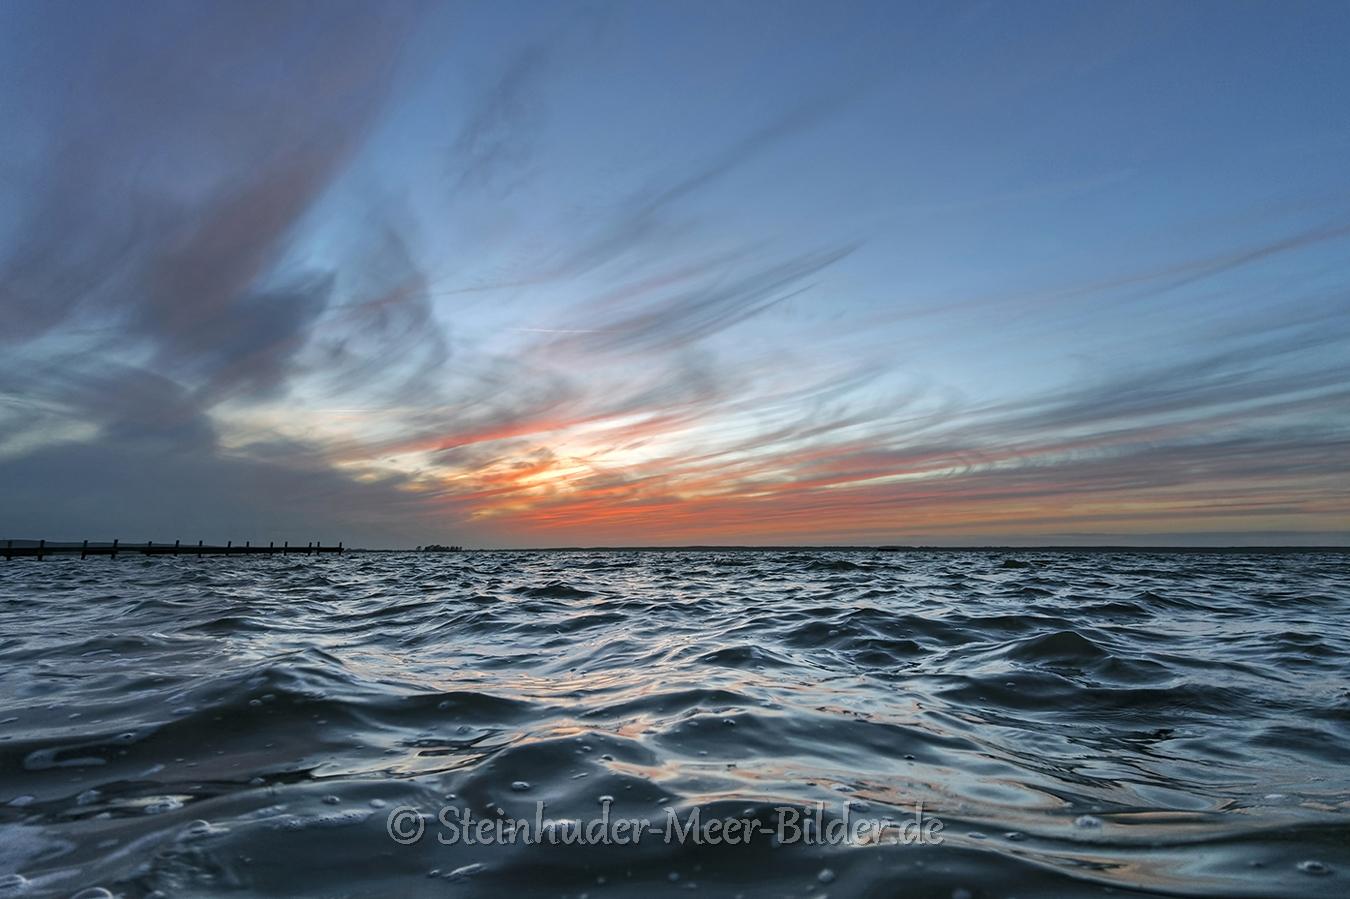 Wolken-Wolkenhimmel-Wolkenhimmel-Wellen-Sonnenuntergang-Abendhimmel-Daemmerung-Abendstimmung-Abendlicht-Steinhuder Meer-D_SAM-NX500_0175a